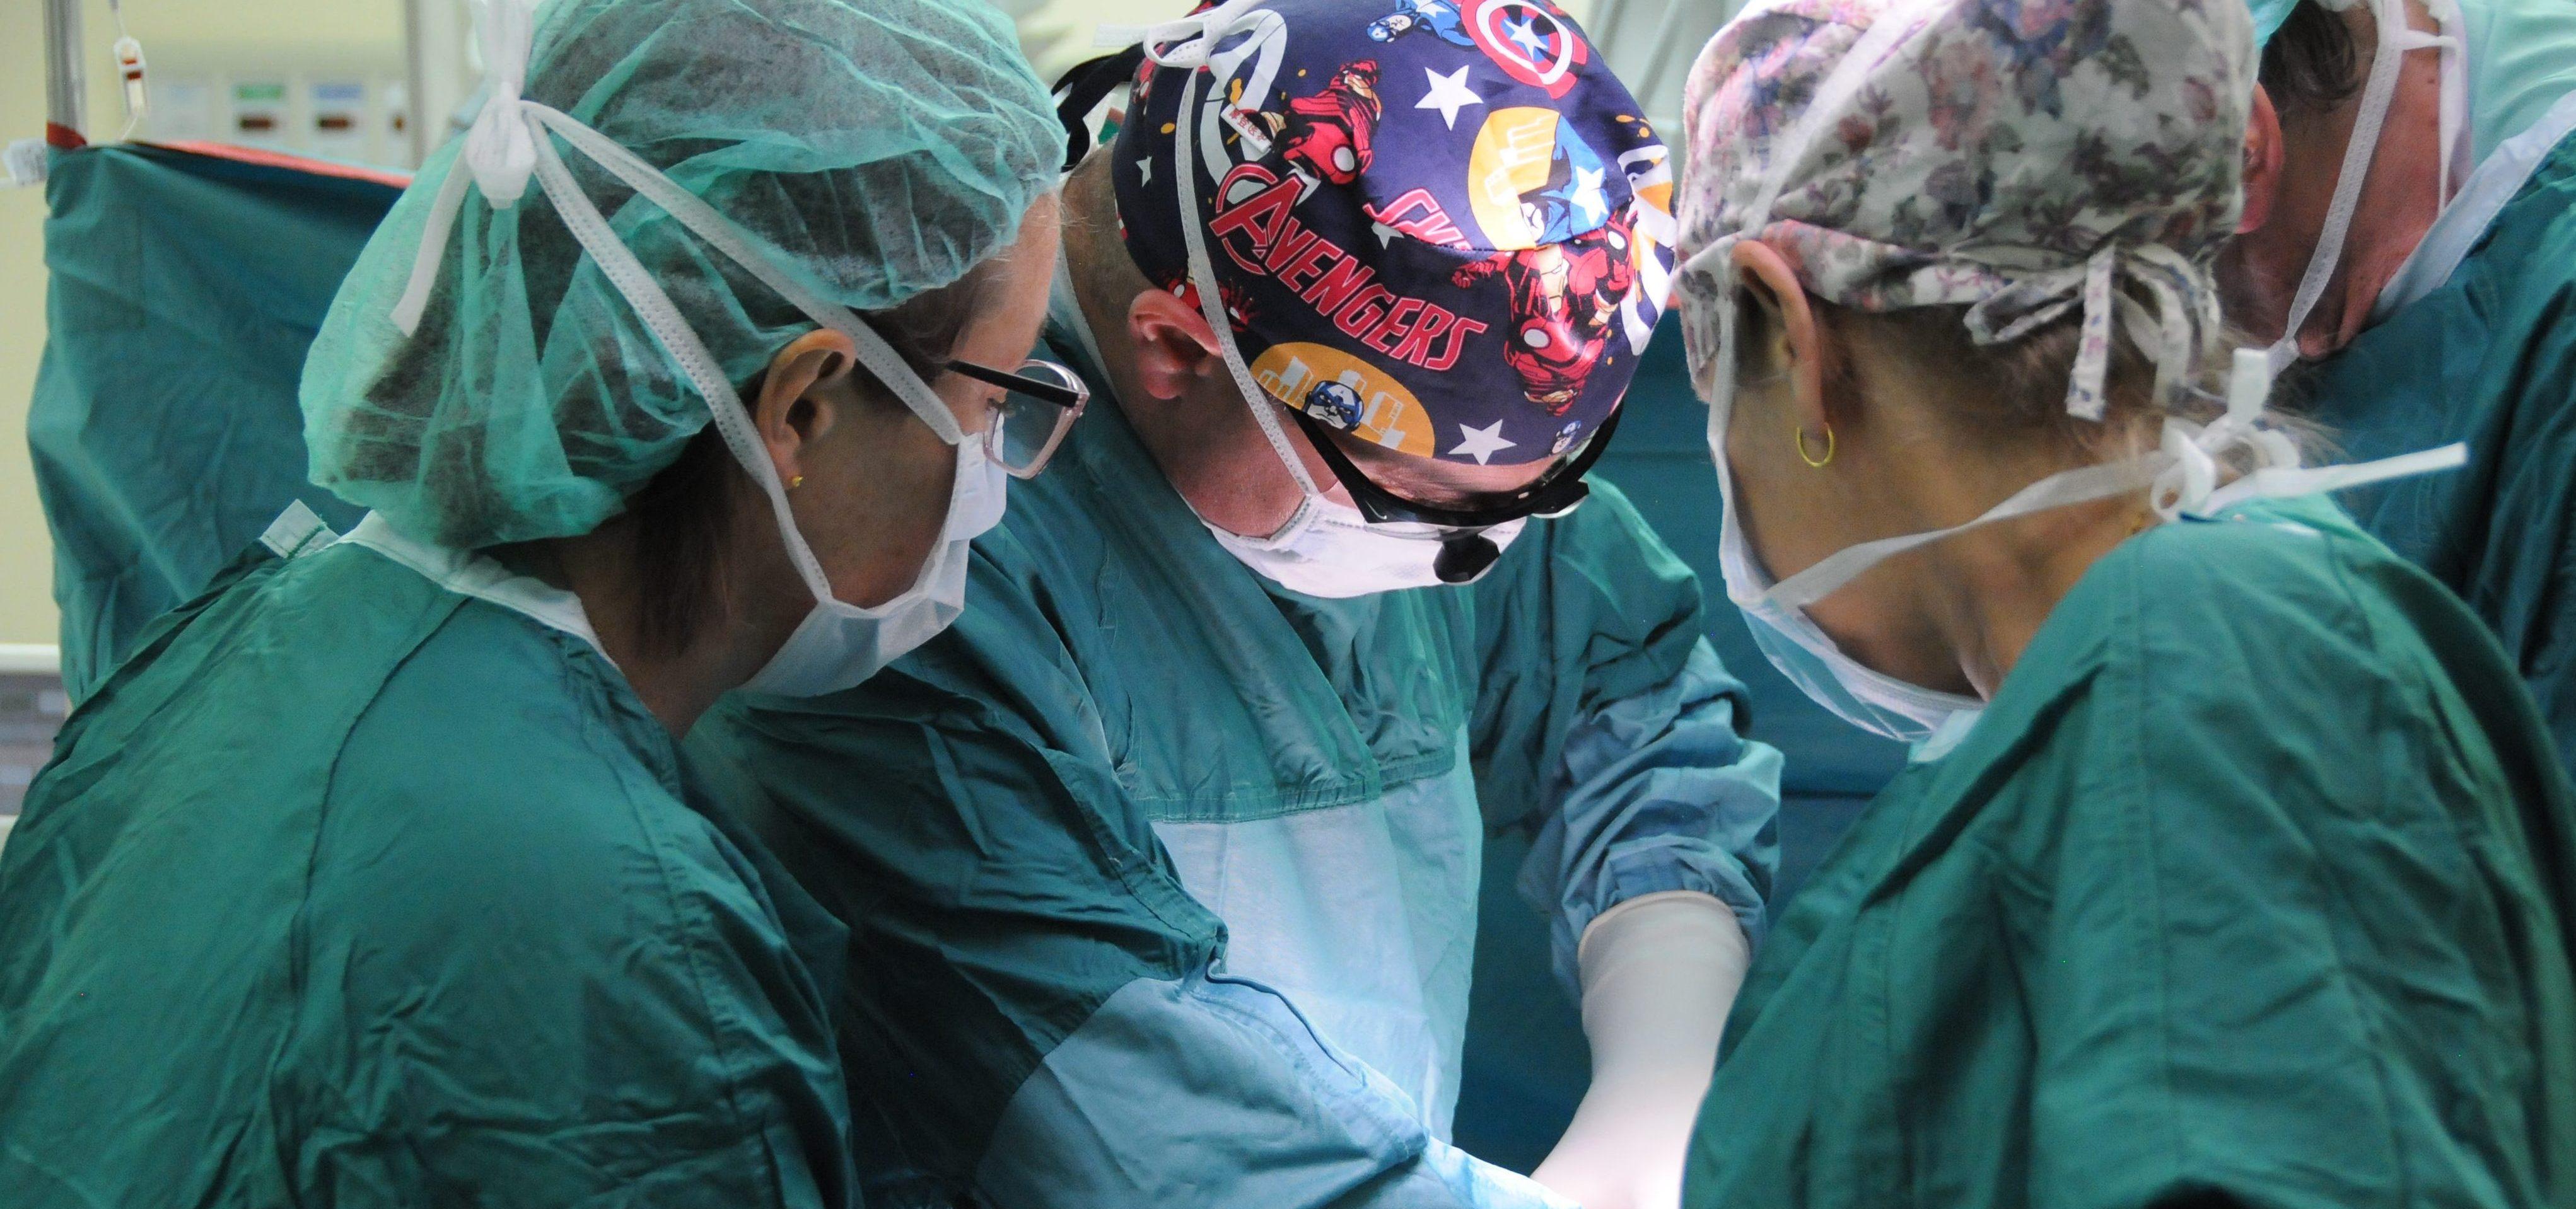 من الناصرة تأتي البشارة عمليّات ولادة قيصريّة طلائعيّة في مستشفى الناصرة- الإنجليزي